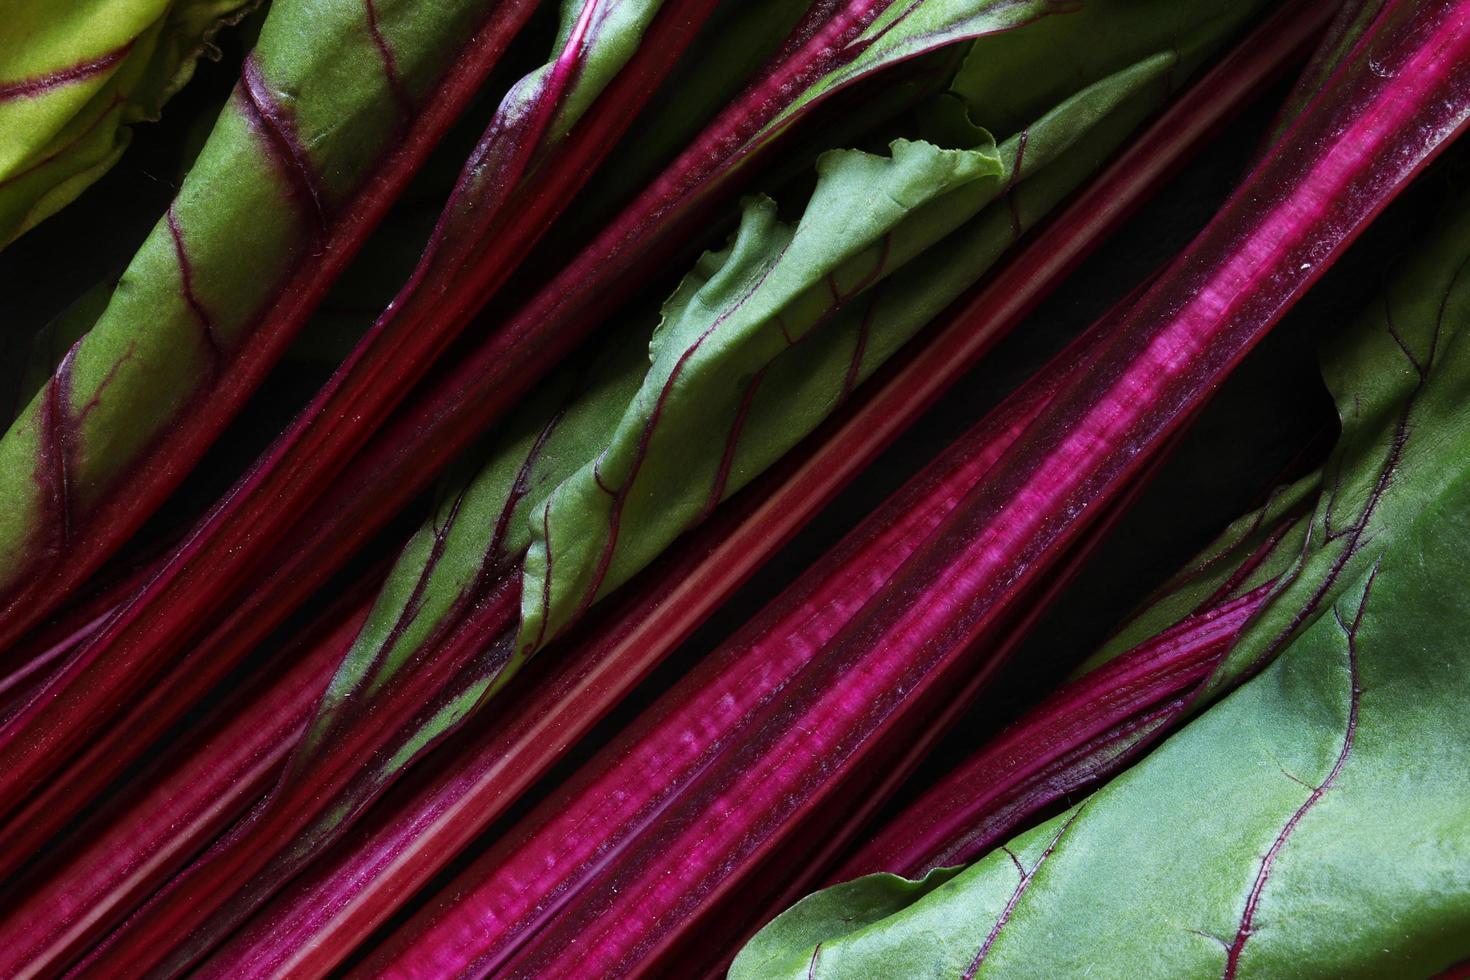 gambo e foglie di barbabietola foto